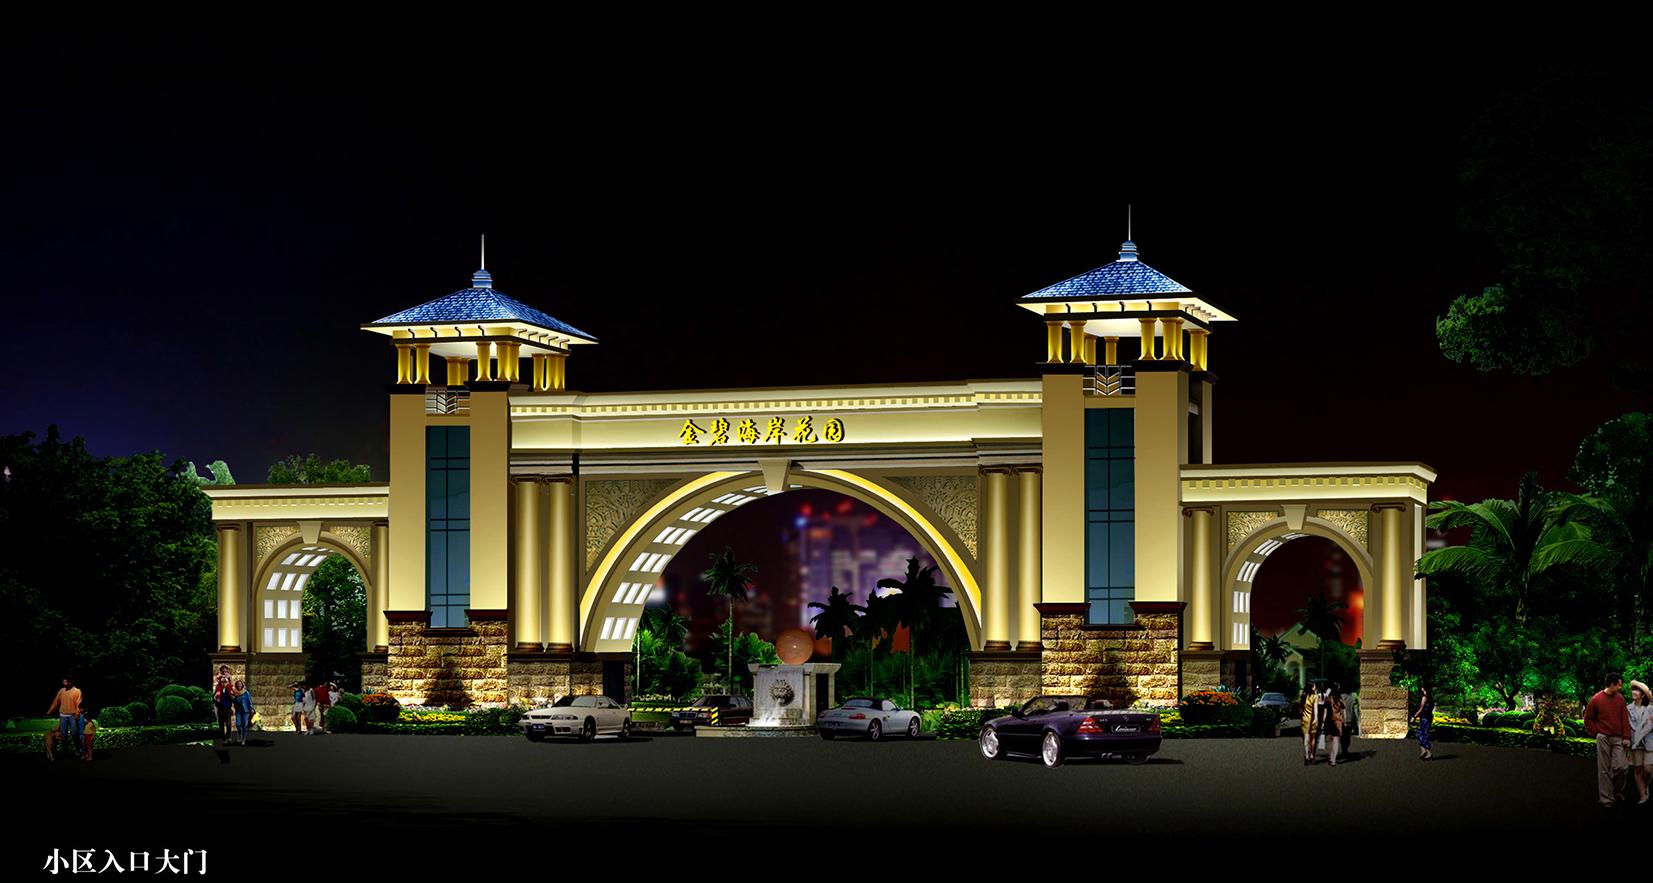 小区入口大门采用泛光灯及线性灯的照明方式,注重灯具的隐藏,主要为黄色光,勾勒为蓝色光,刻画隆重端庄的视觉效果,并表现欧式建筑风格艺术的细部结构特征。  会所综合楼日常节能模式  会所综合楼节日夜间模式